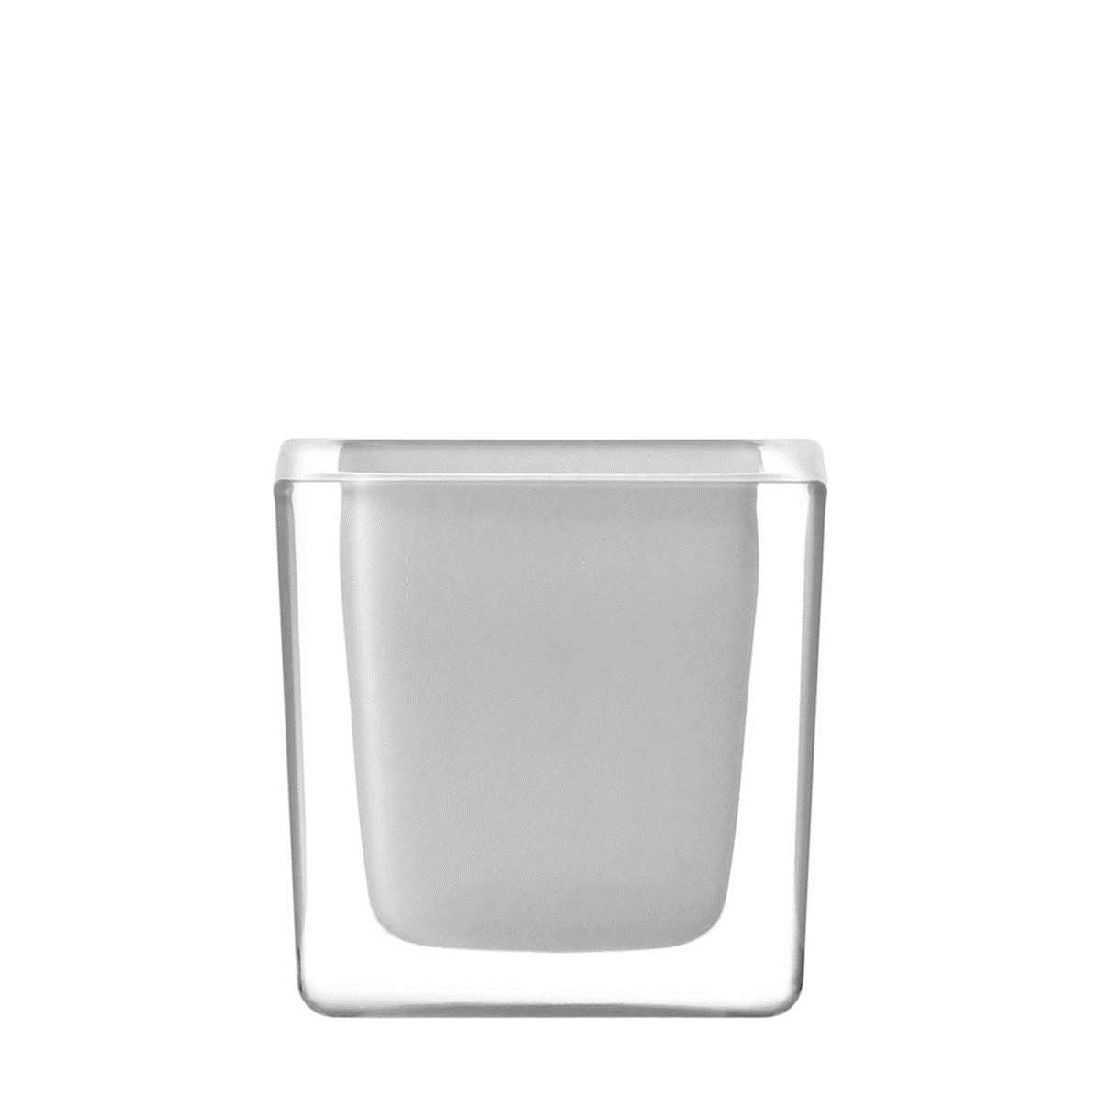 Tischlicht Cube (2er-Set) – Weiß, Leonardo bestellen